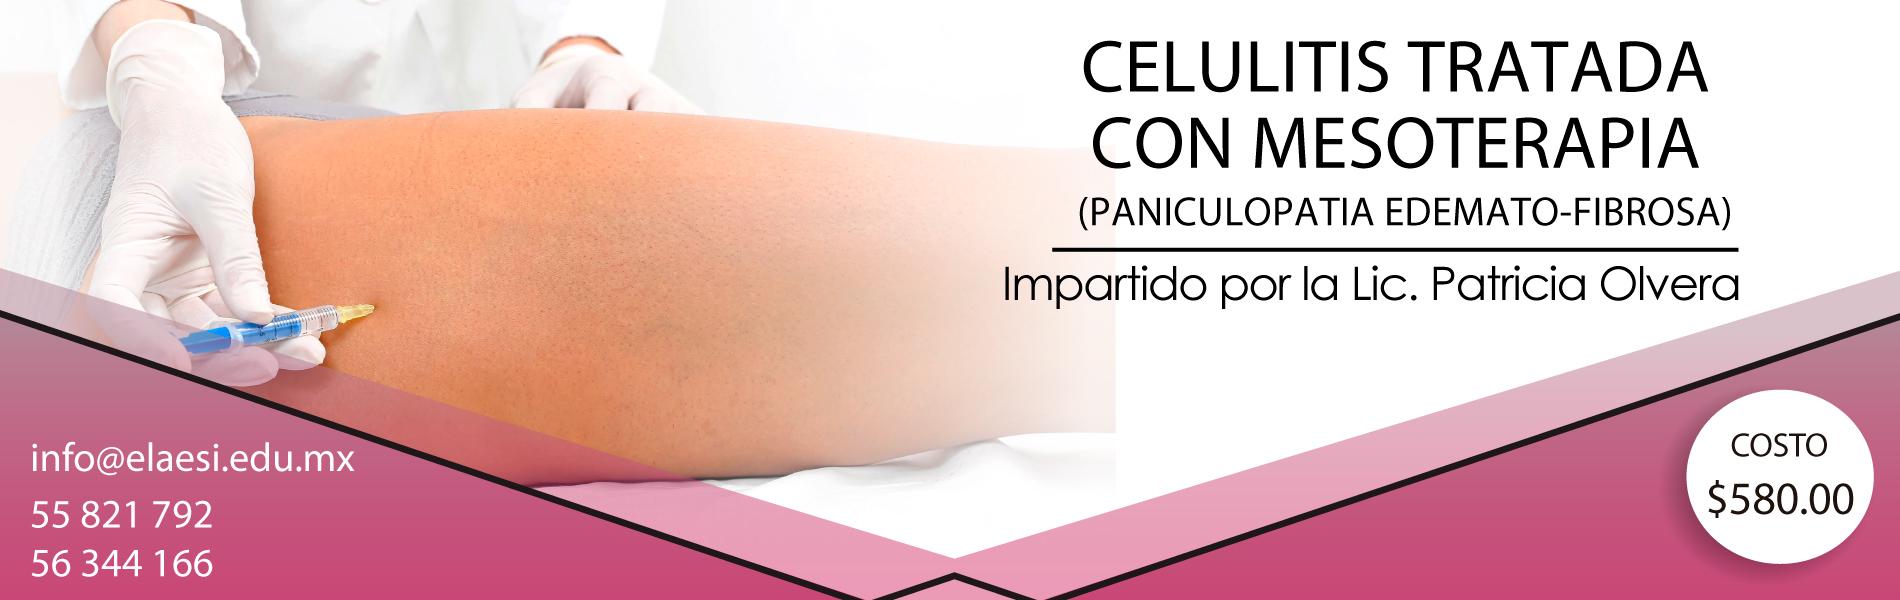 CELULITIS TRATADA CON MESOTERAPIA CDMX